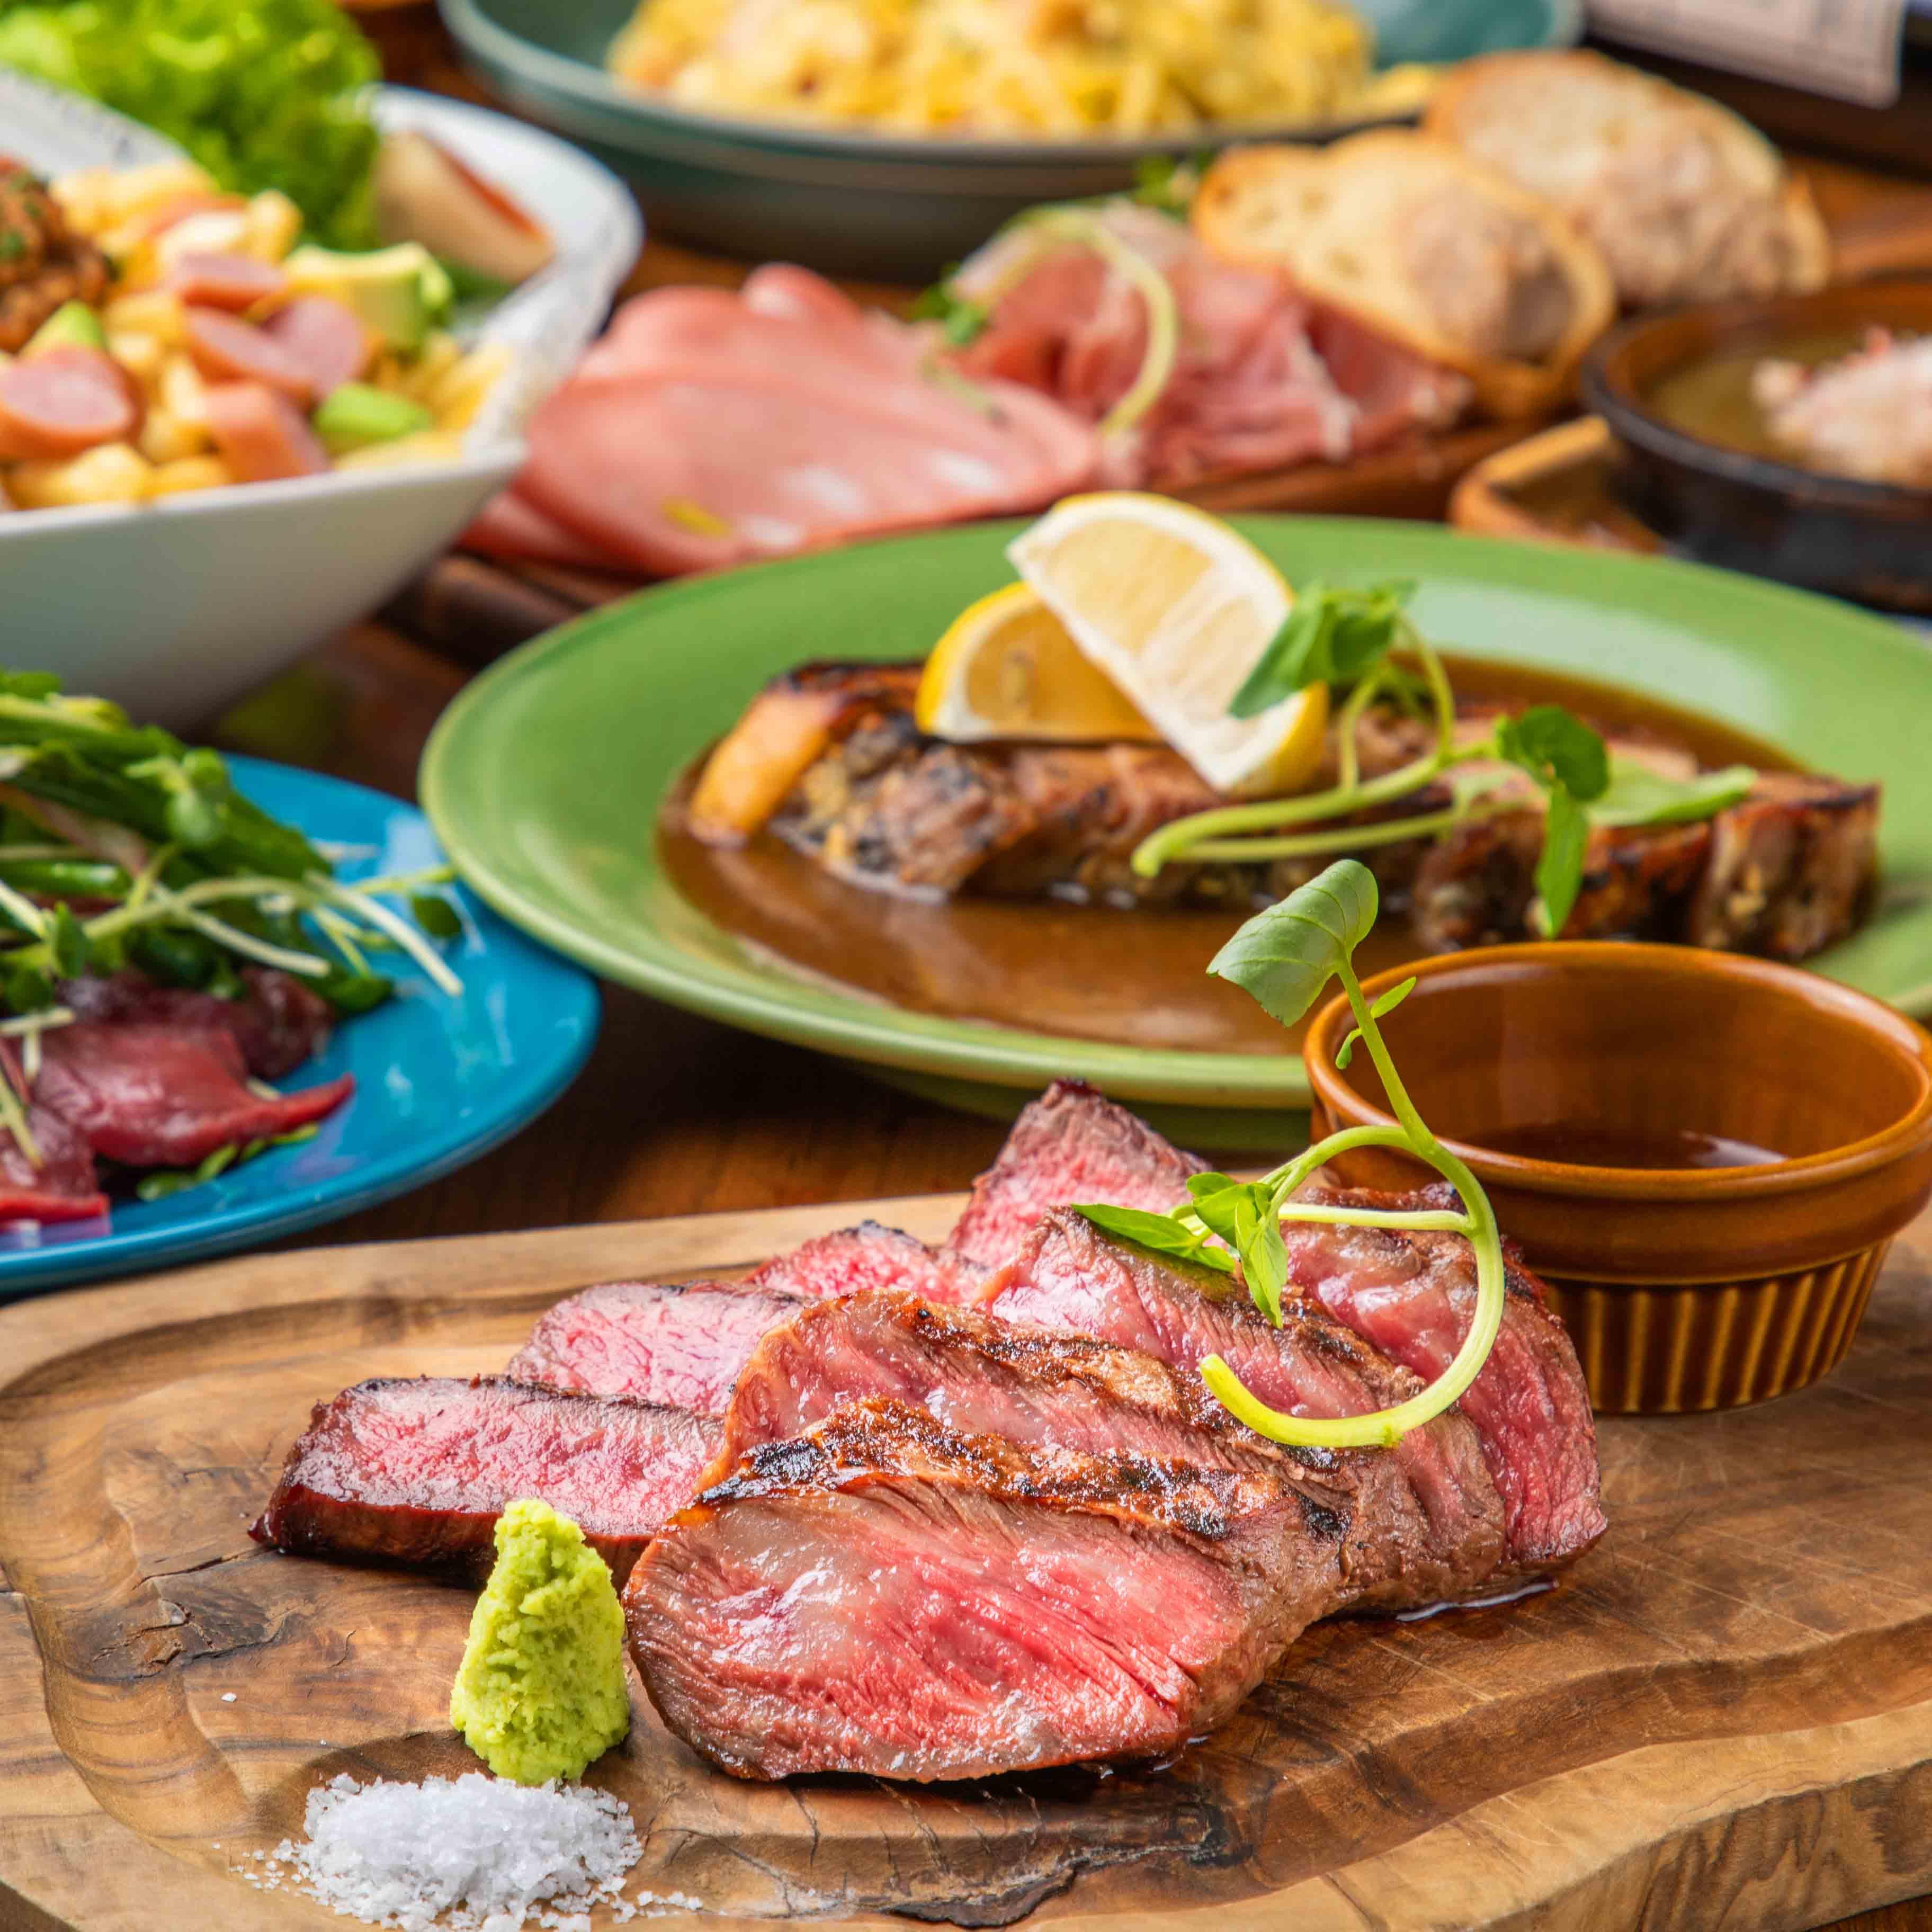 [お料理のみ] 【丑年肉初め】和牛のグリル、アヒージョなどコースで楽しむ7品